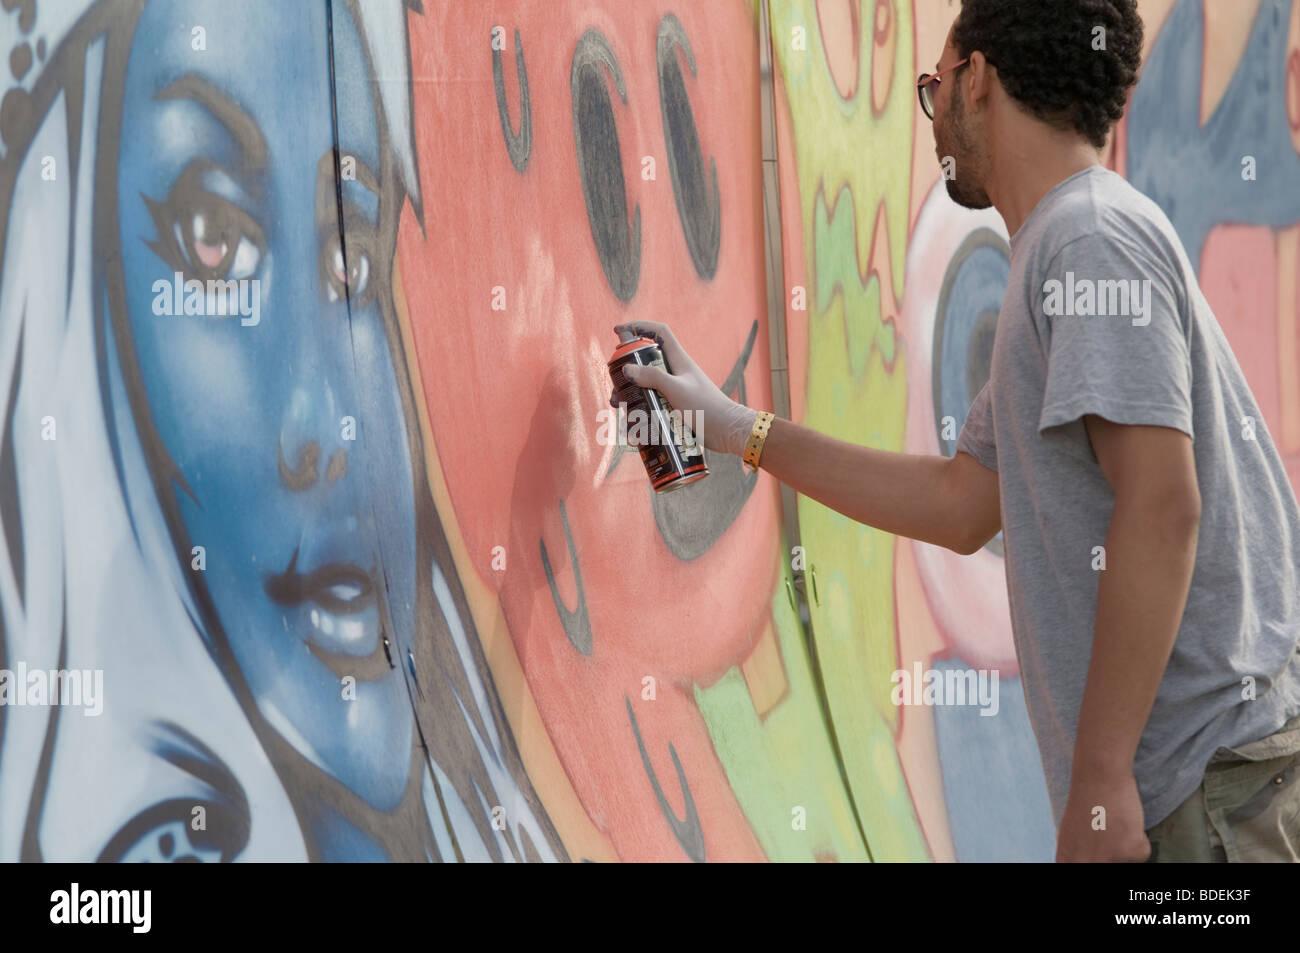 Graffiti wall uk - Stock Photo Young Man Spray Painting A Graffiti Wall At The Square Festival Borth Wales Uk